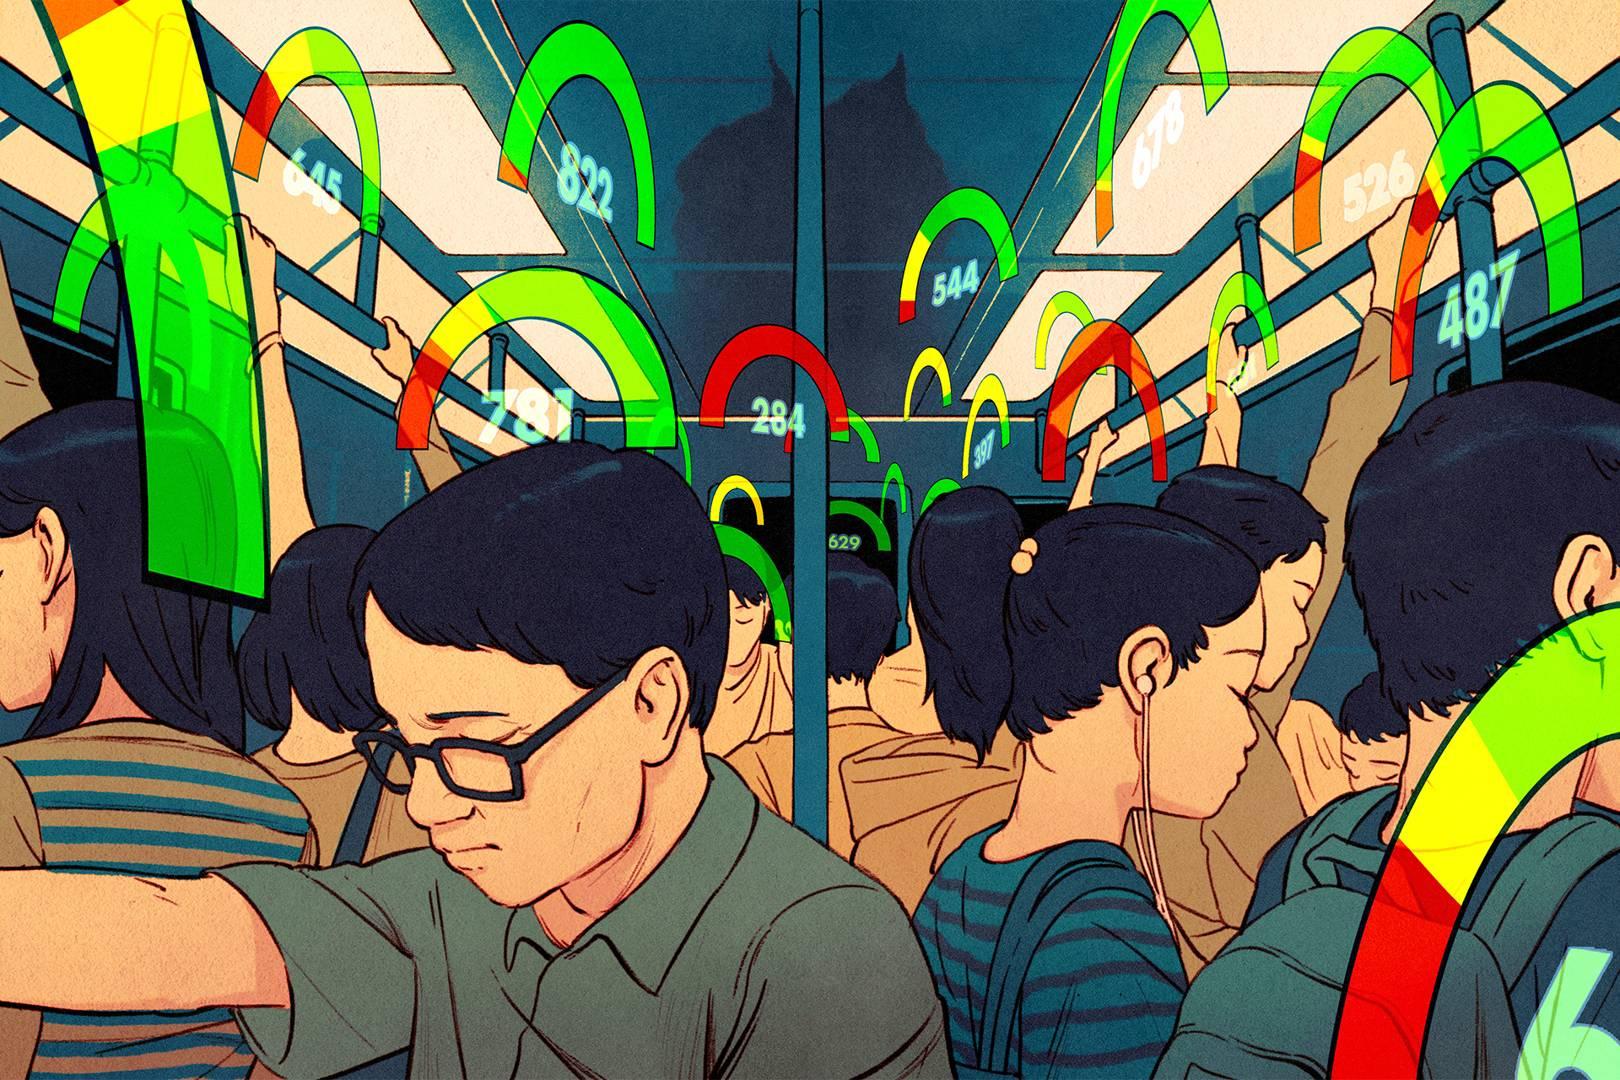 В Китае запущена система оценки поведения граждан: за что дают «черную метку»?